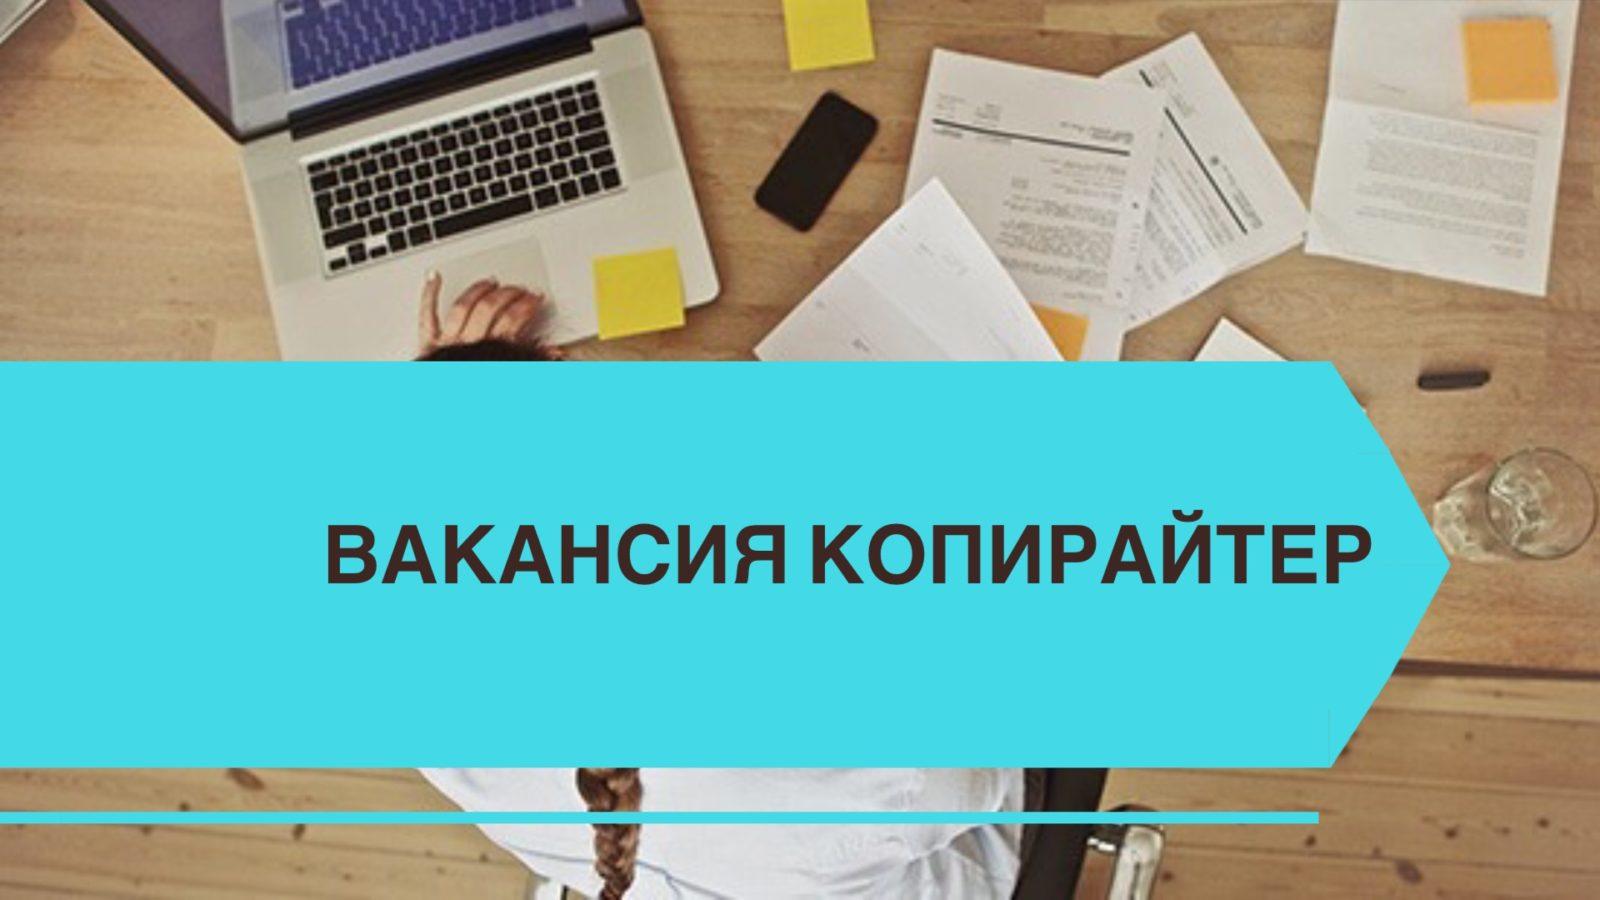 работа копирайтером в москве вакансии удаленной